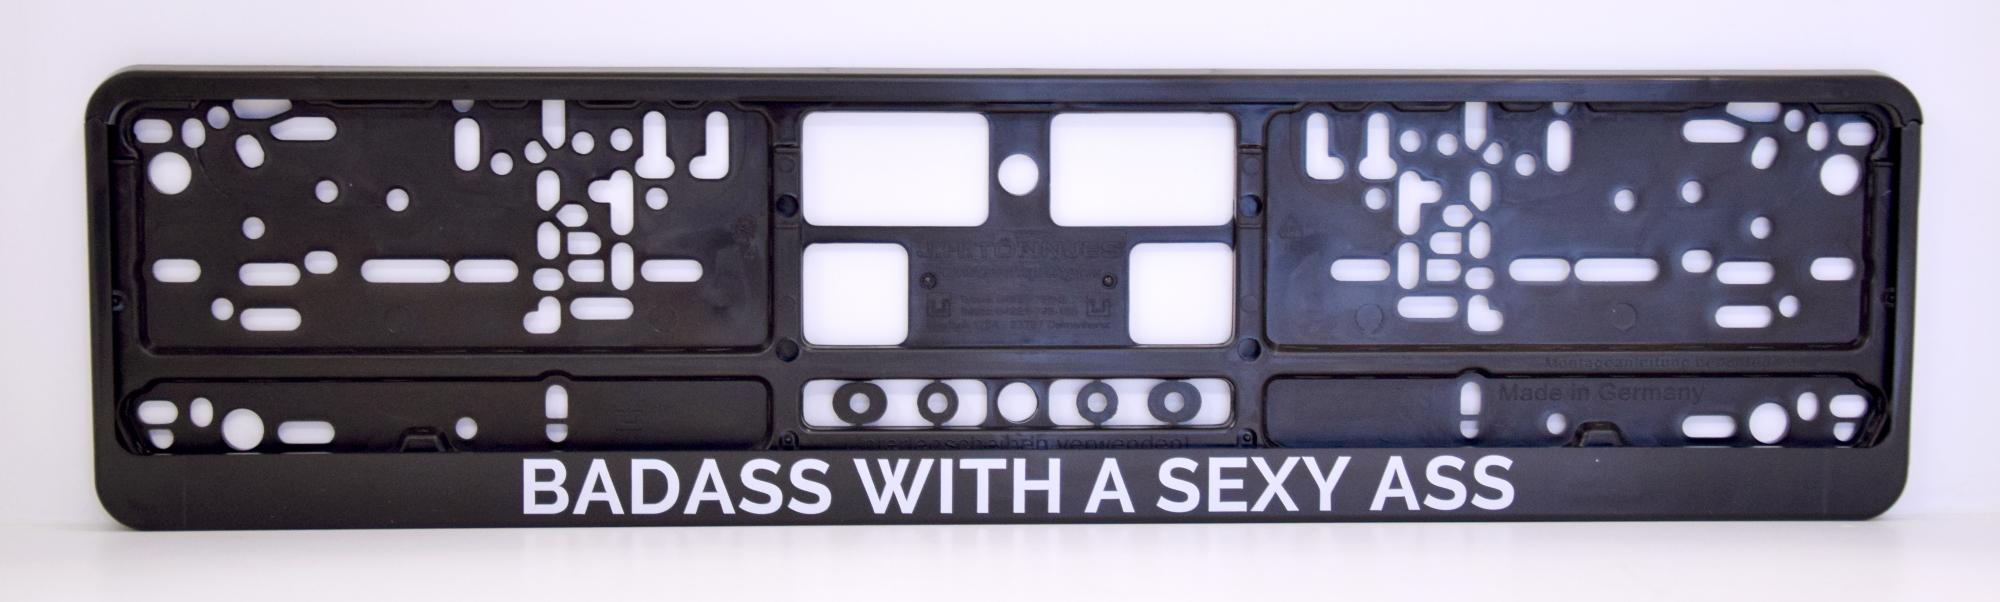 LATSIGN Auto numura turētājs ar uzrakstu - Badass with a sexy ass